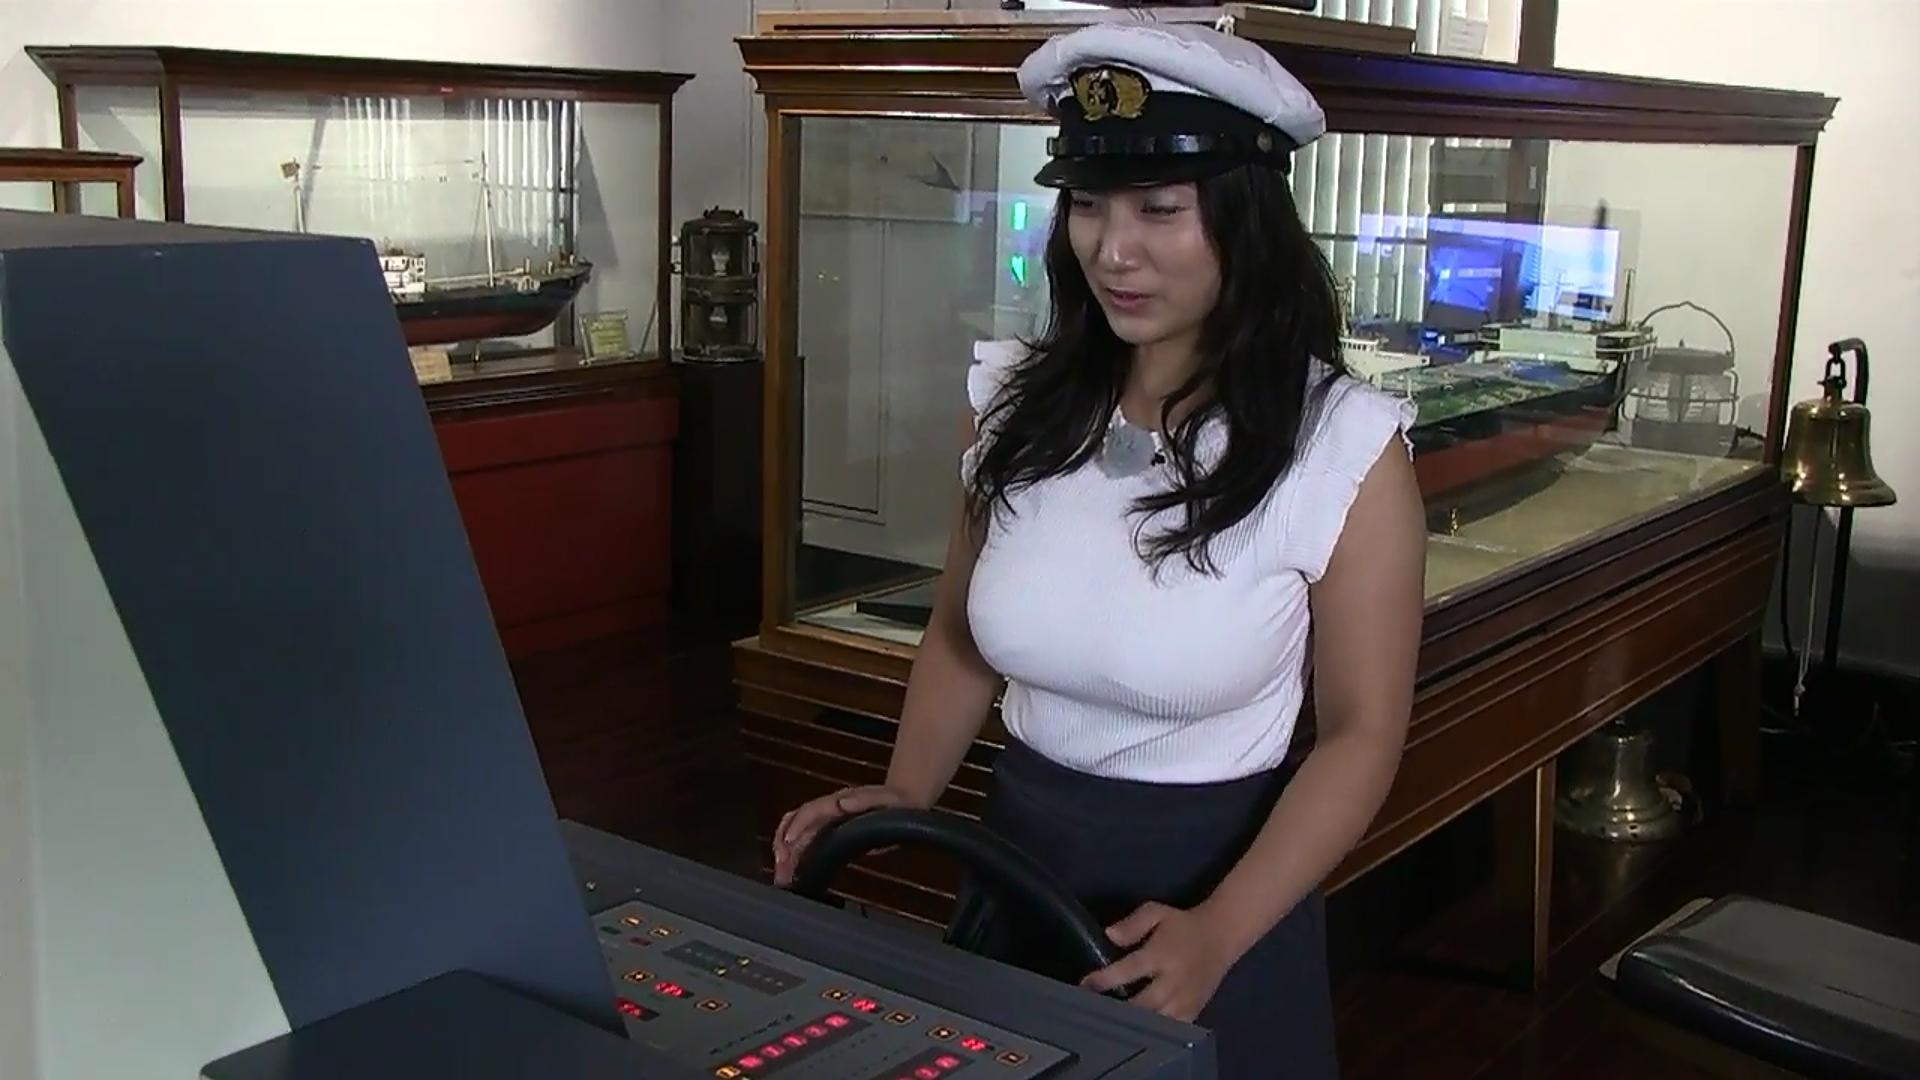 観光PR動画「北九州見チャリ!」でニットを着た紗綾の着衣巨乳